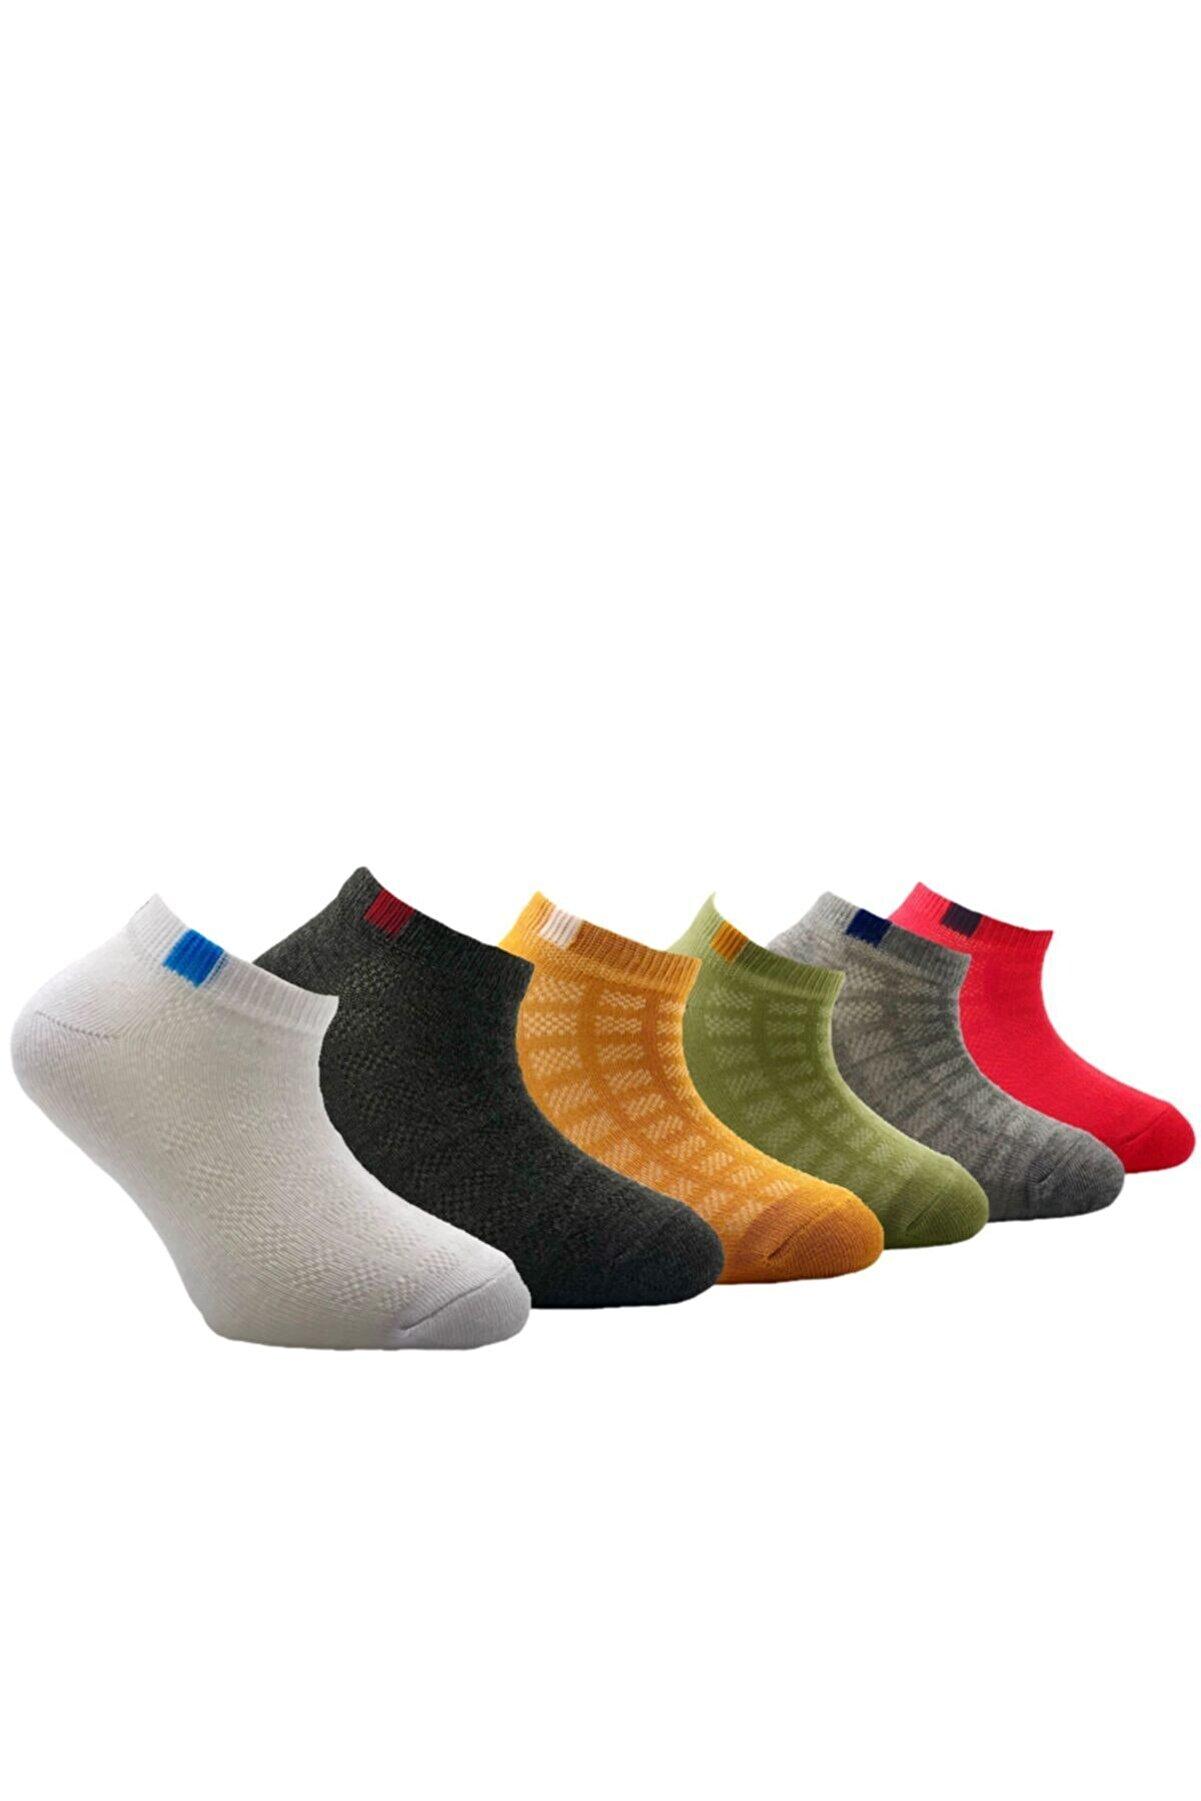 Belyy Socks Belyy Çok Renkli 6 Lı Yazlık Çocuk Çorabı